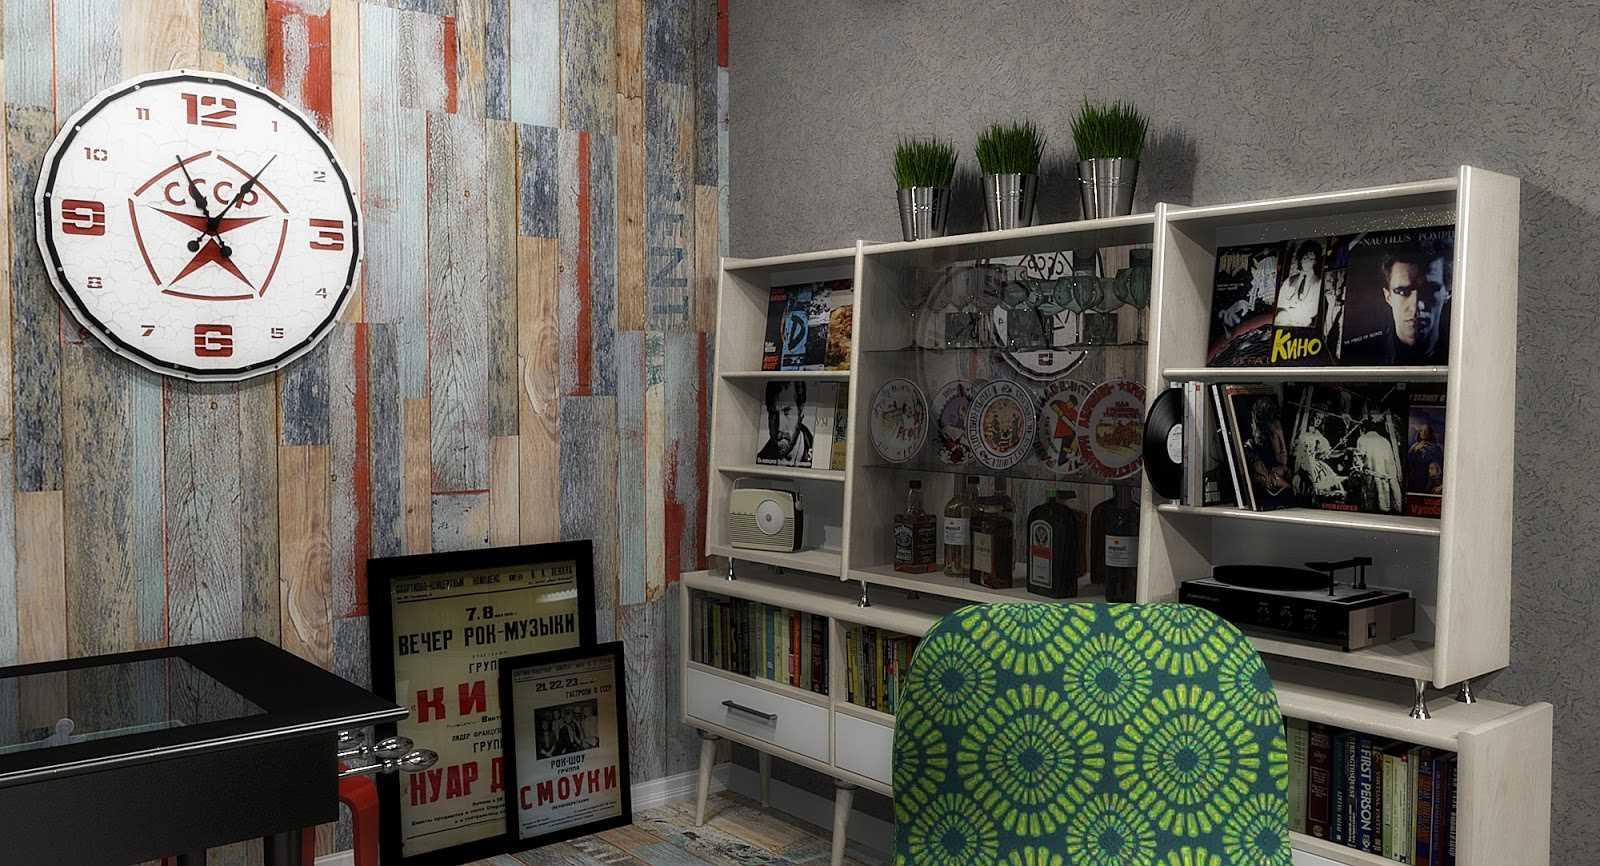 interesanta dzīvokļa dekora variants padomju stilā